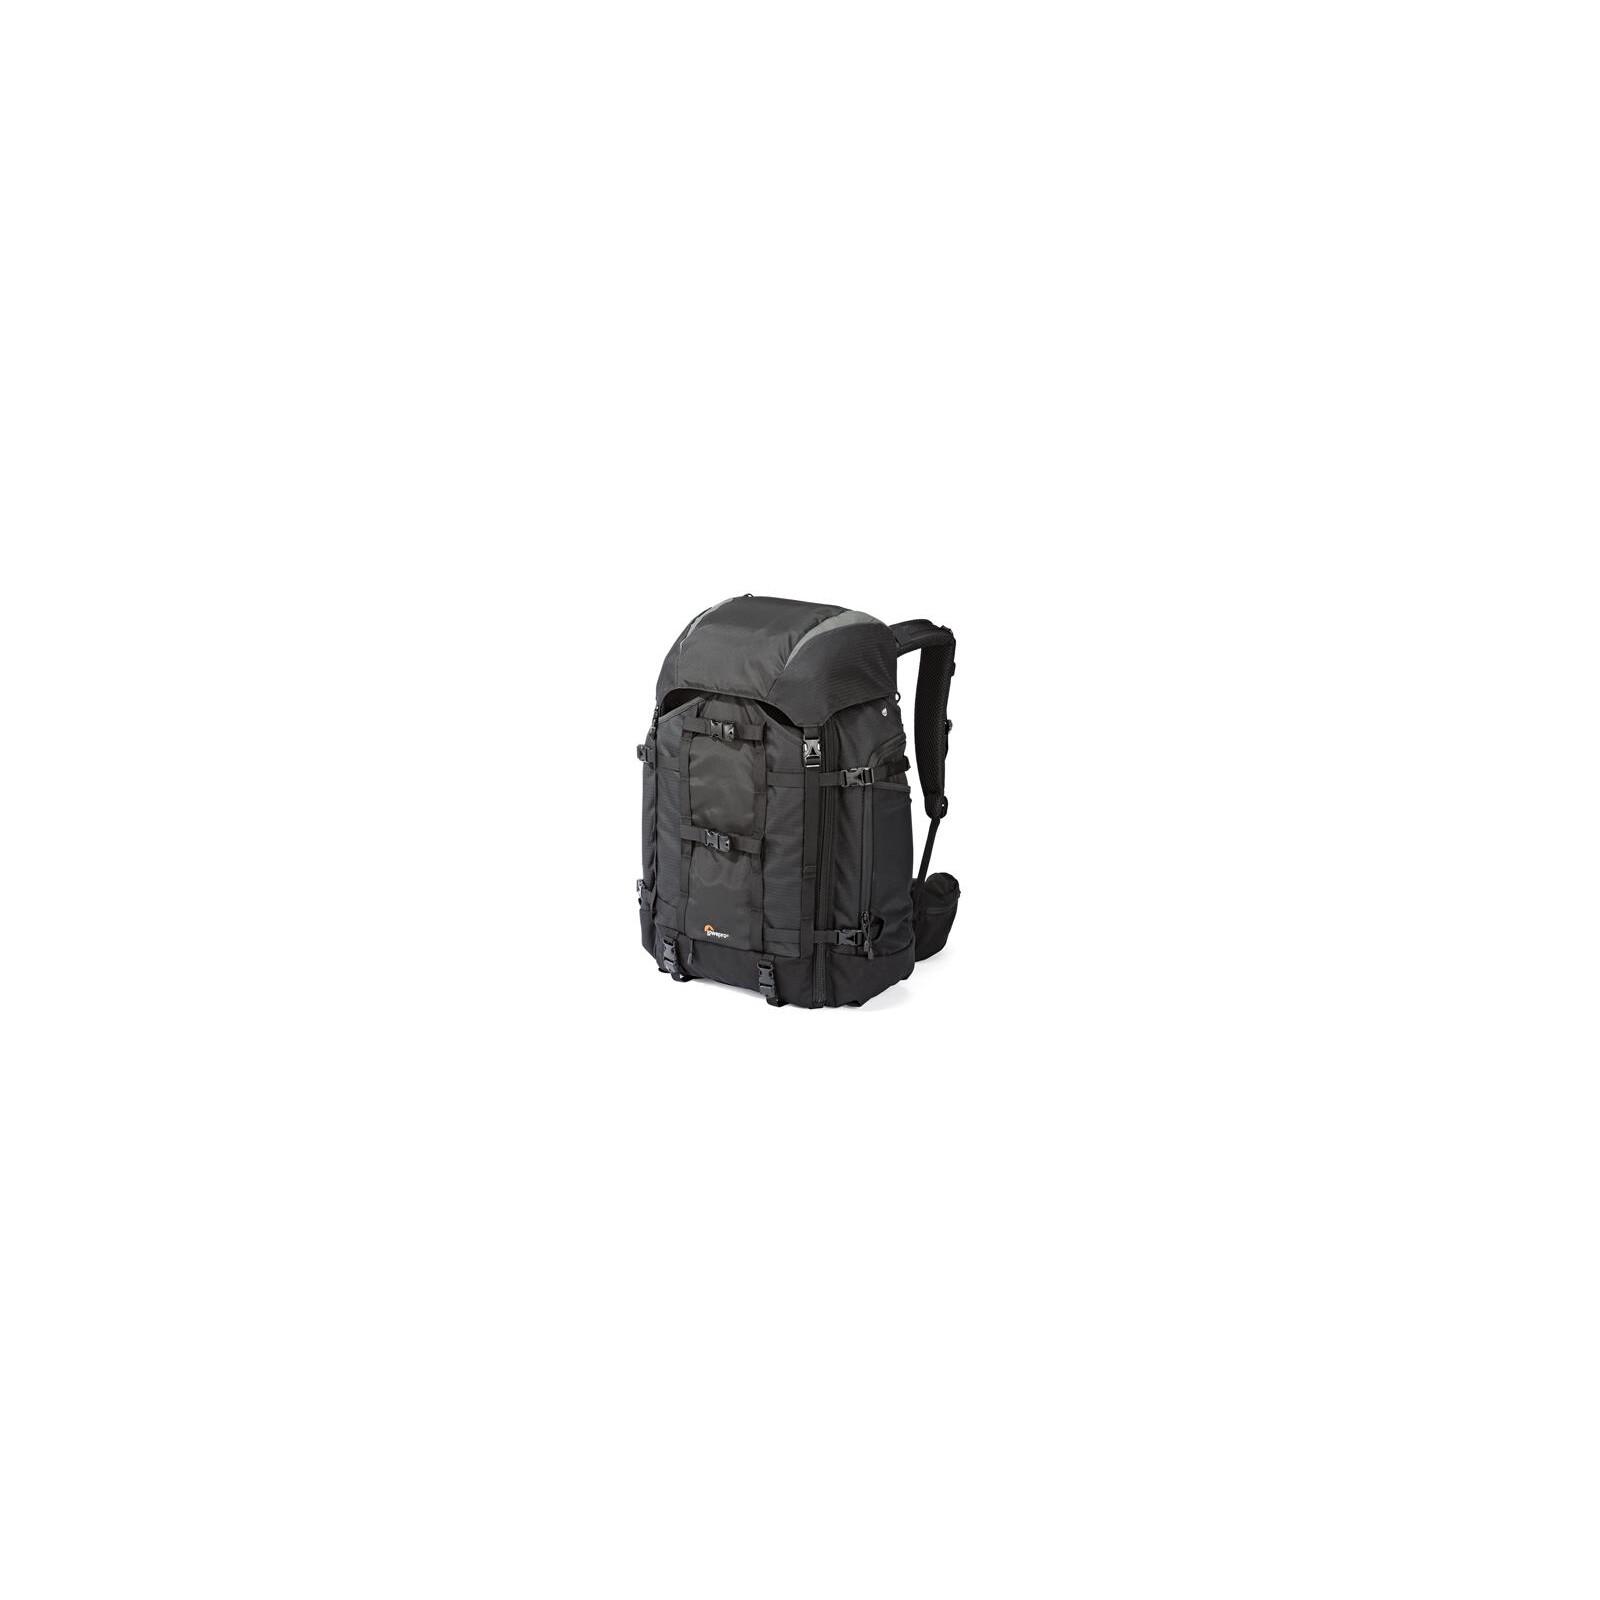 Lowepro Pro Trekker 450 AW schwarz